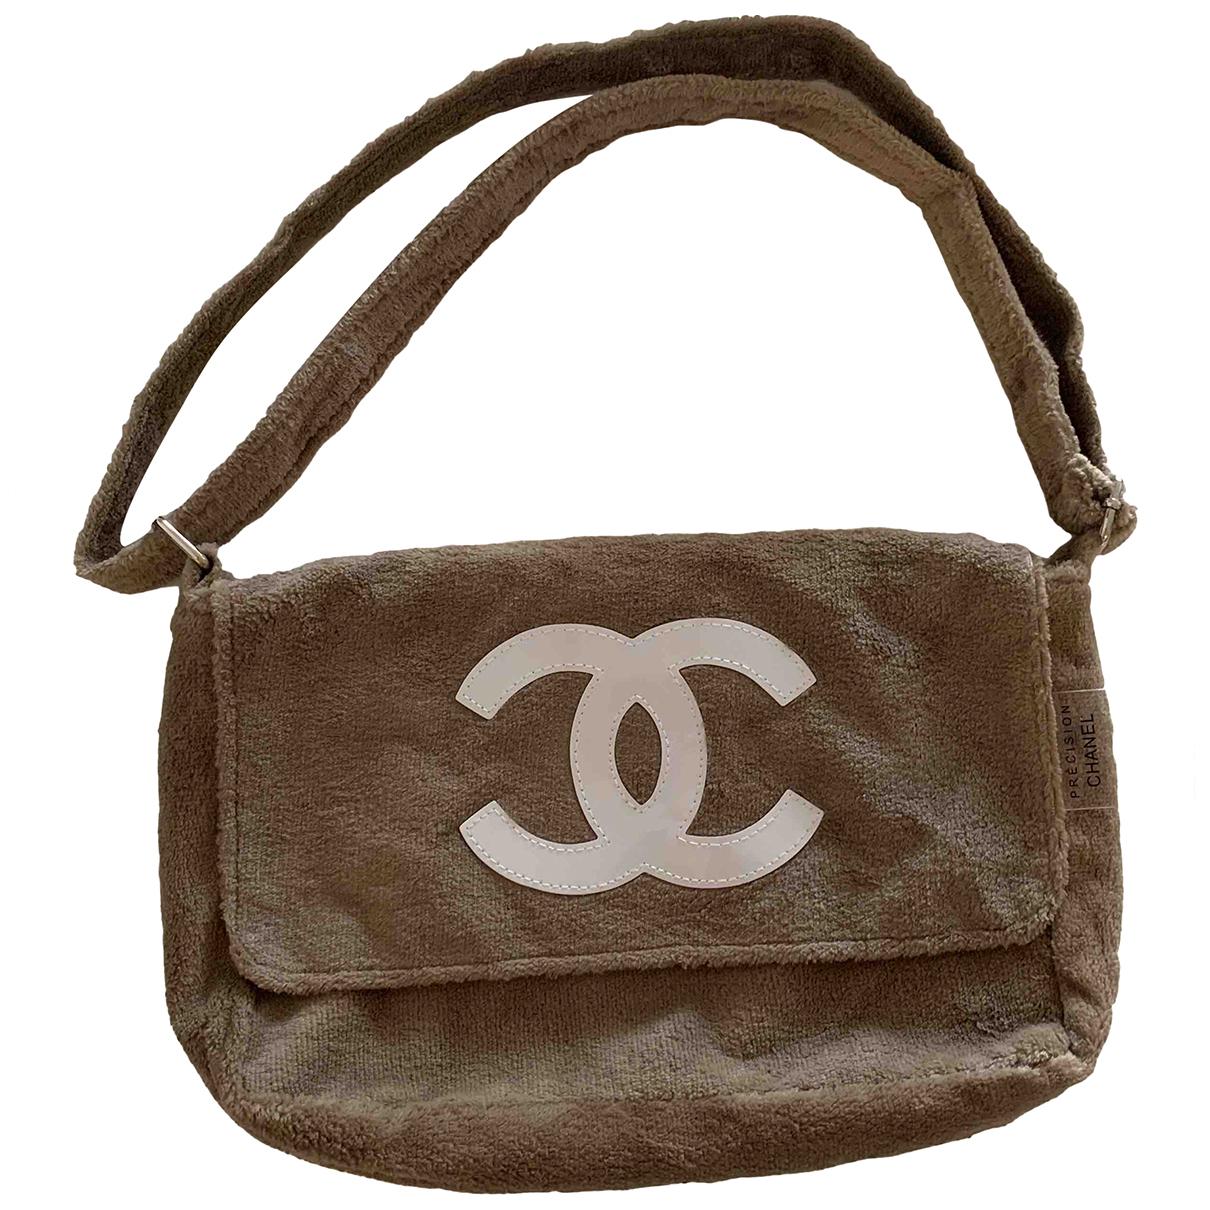 Bolsos clutch en Sintetico Camel Chanel